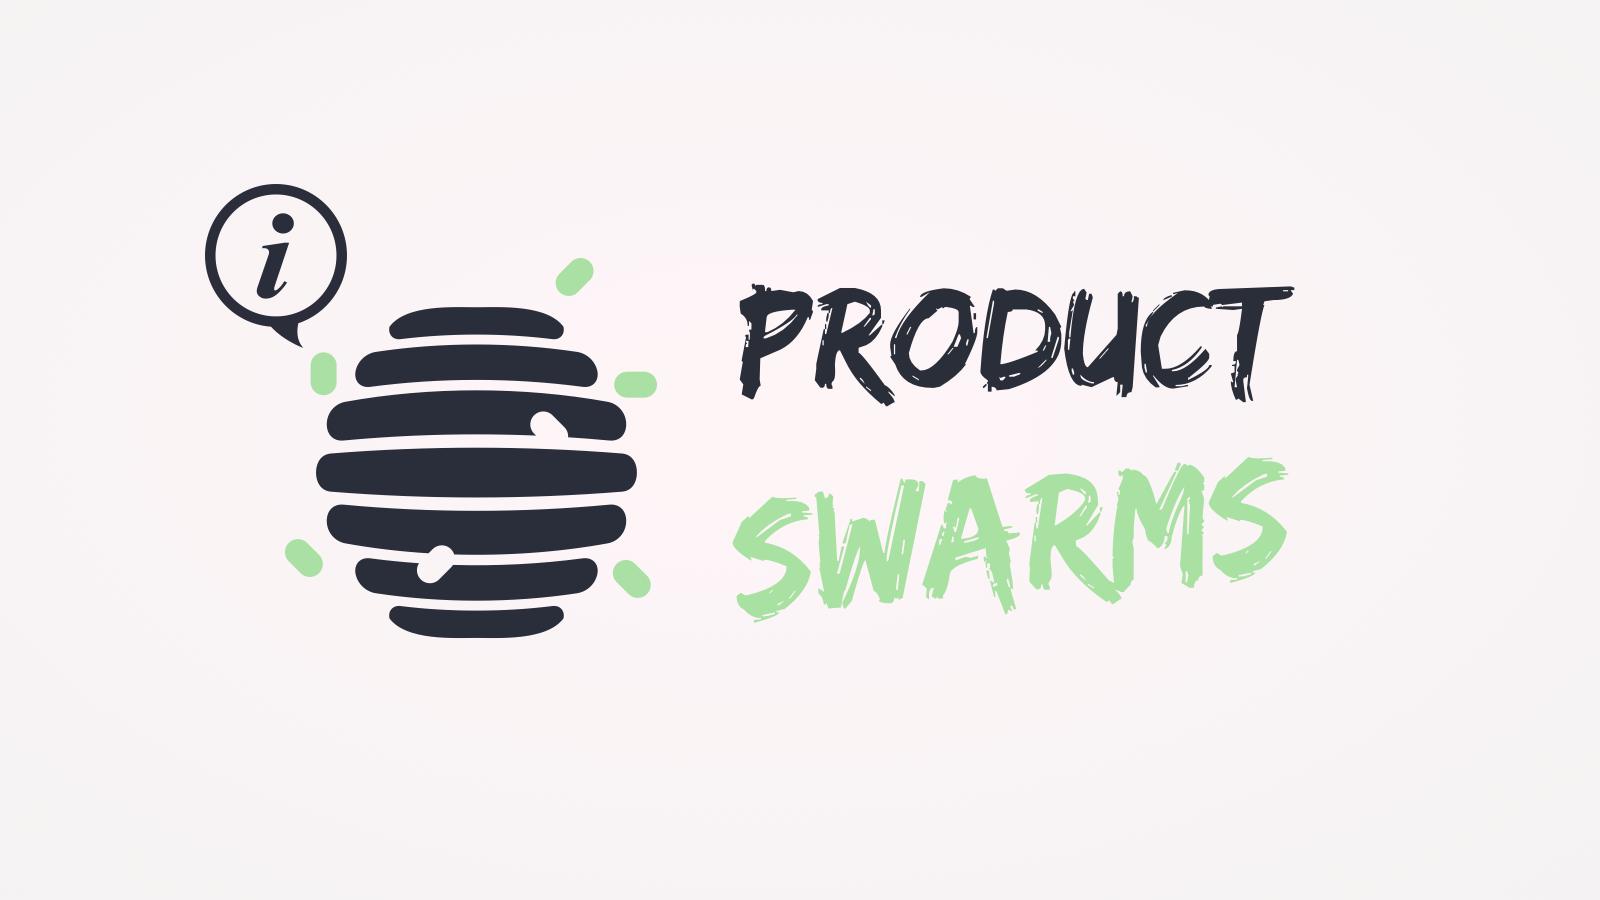 Les Product Swarms, ou l'équipe Produit à la quête de l'organisation parfaite